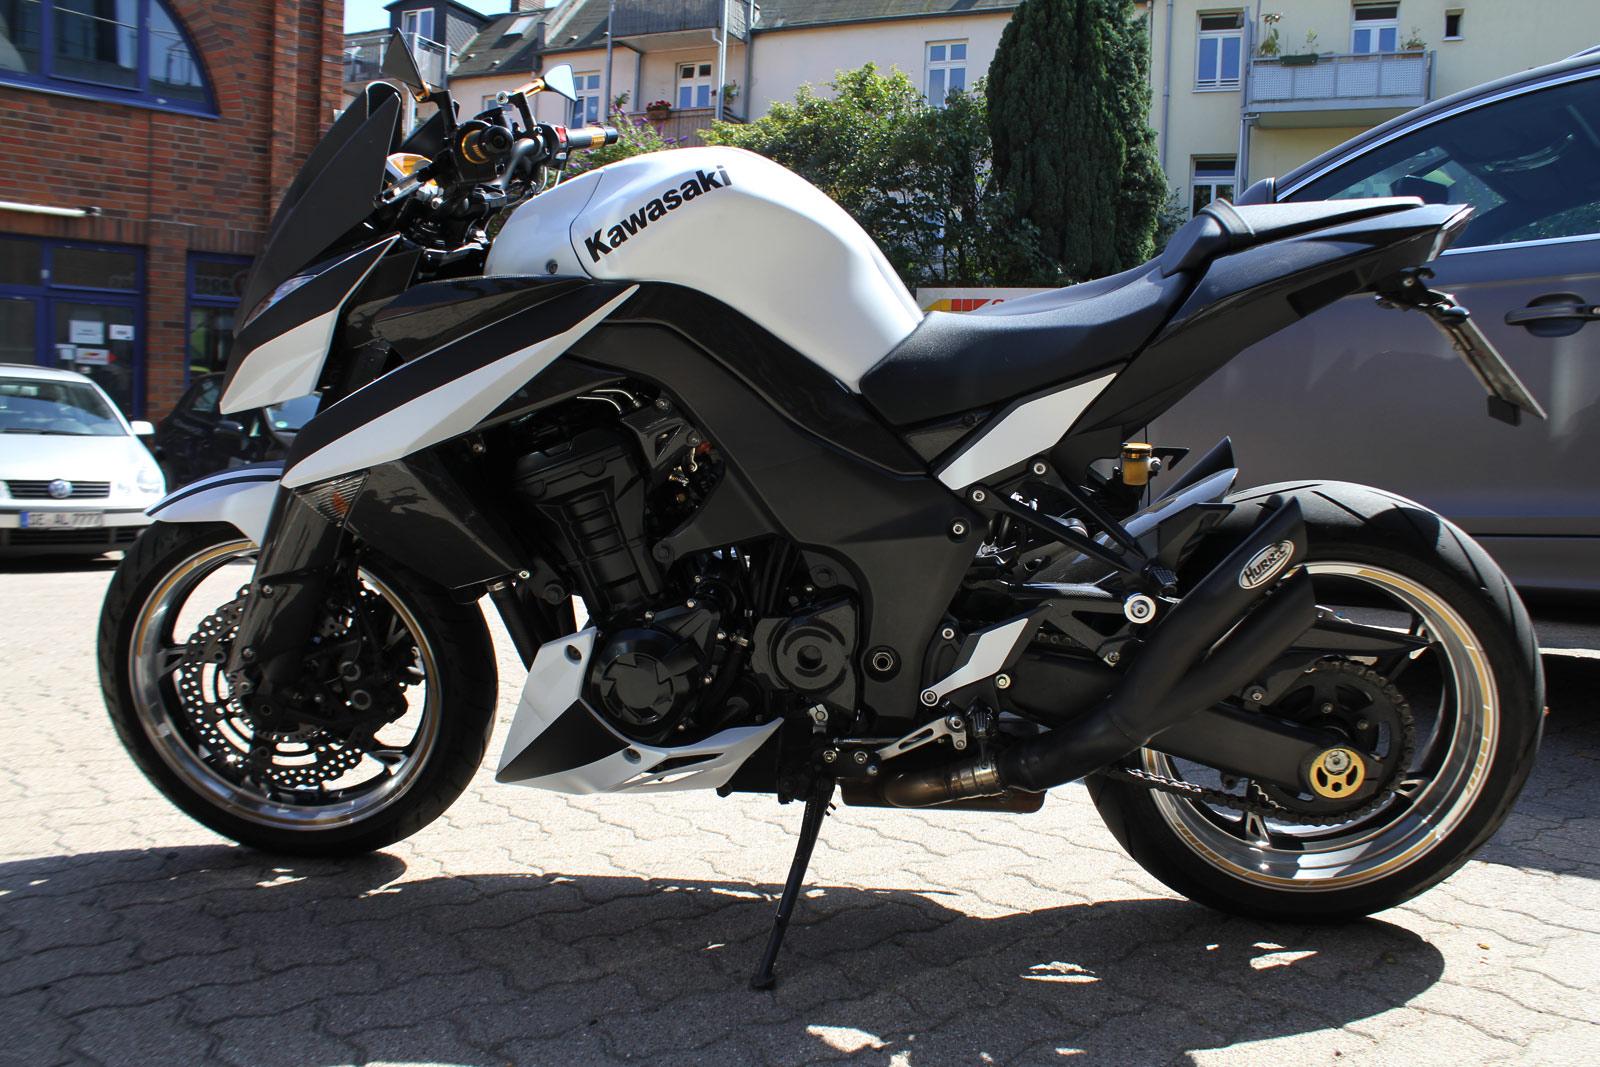 Teile des Kawasaki Motorrads wurden mit schwarzer Folie beklebt.